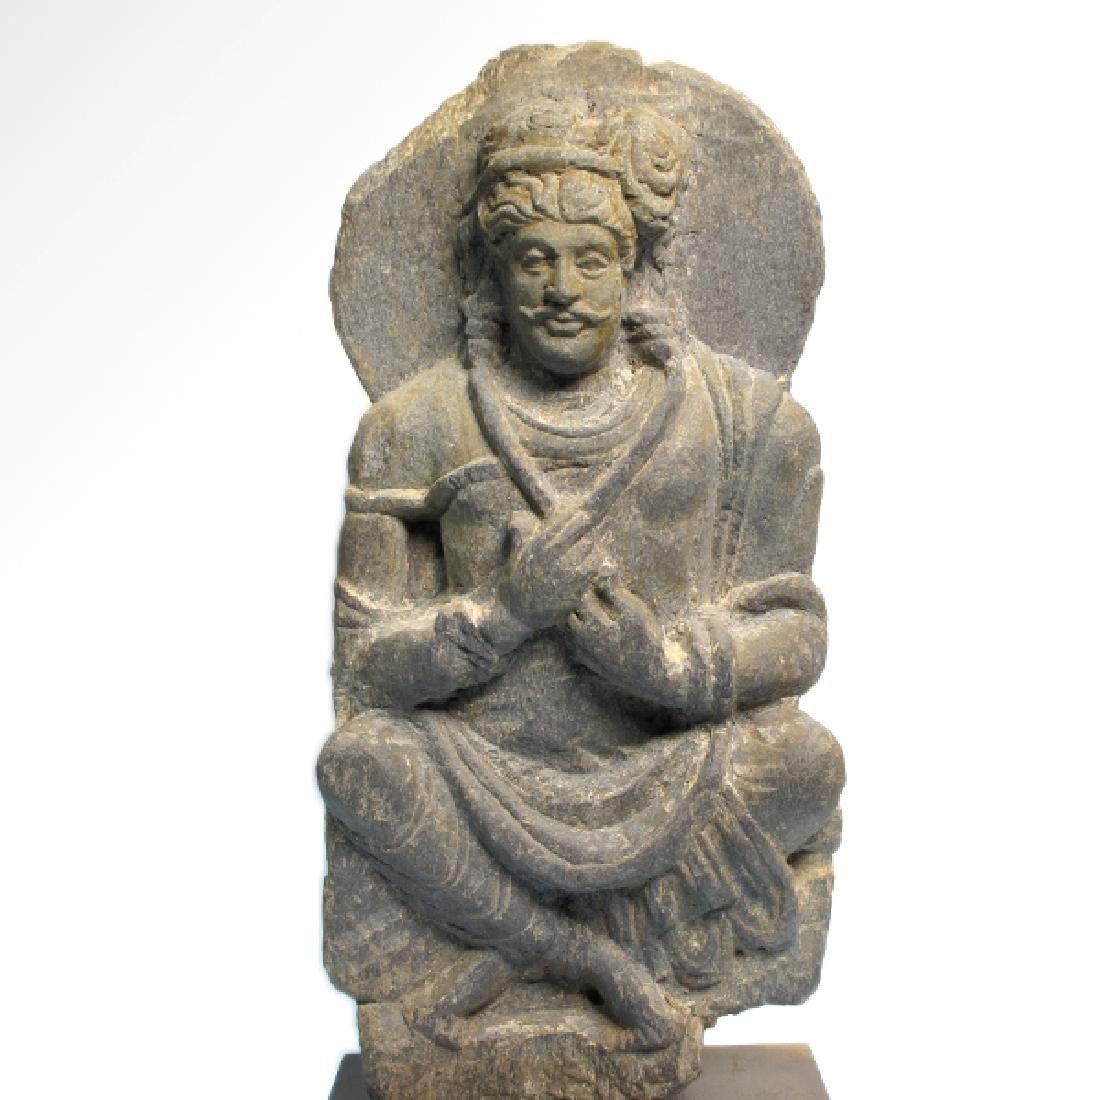 Gandhara Schist Relief Figure of a Bodhisattva, c.